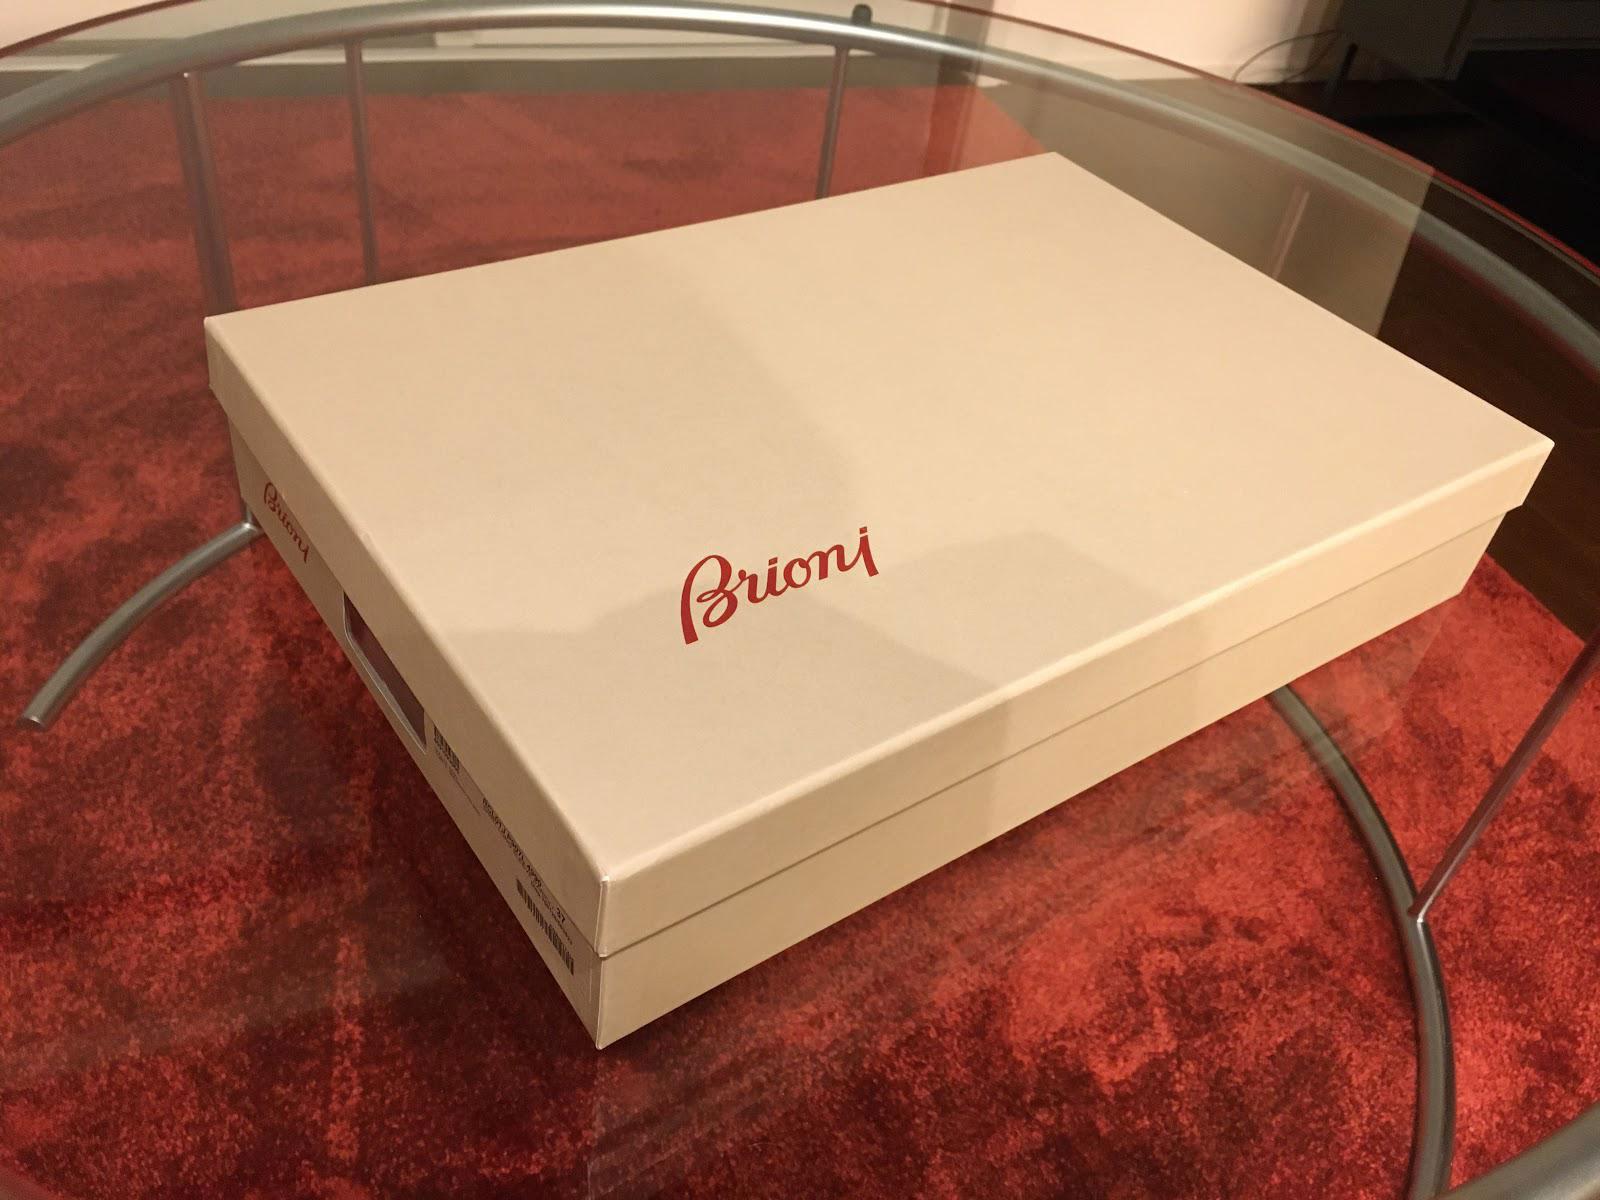 Brioni box